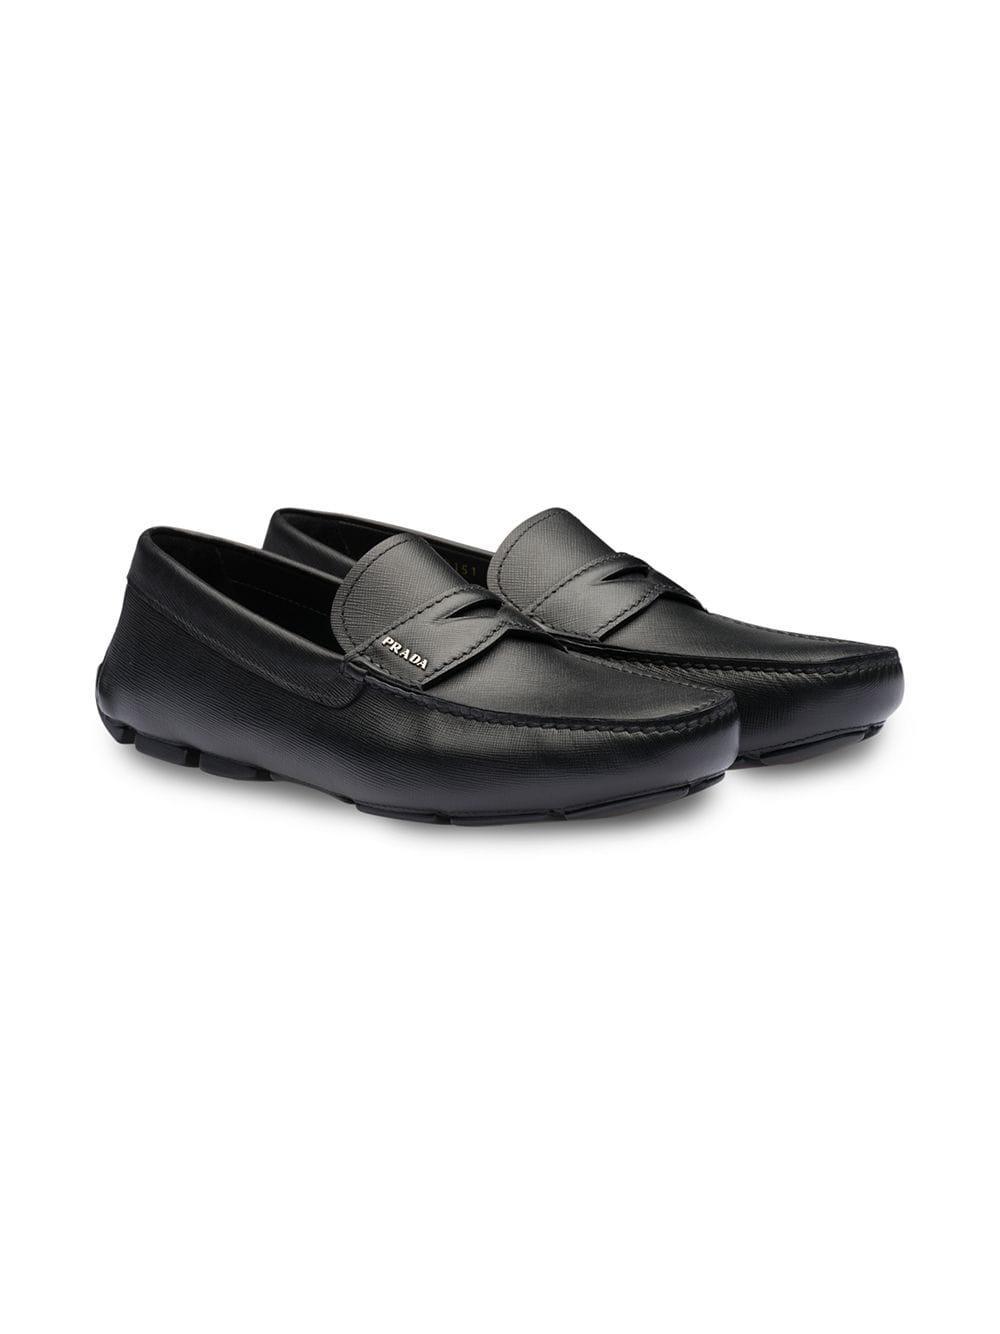 03e6b4f64b3 Prada Saffiano Penny Loafers in Black for Men - Lyst